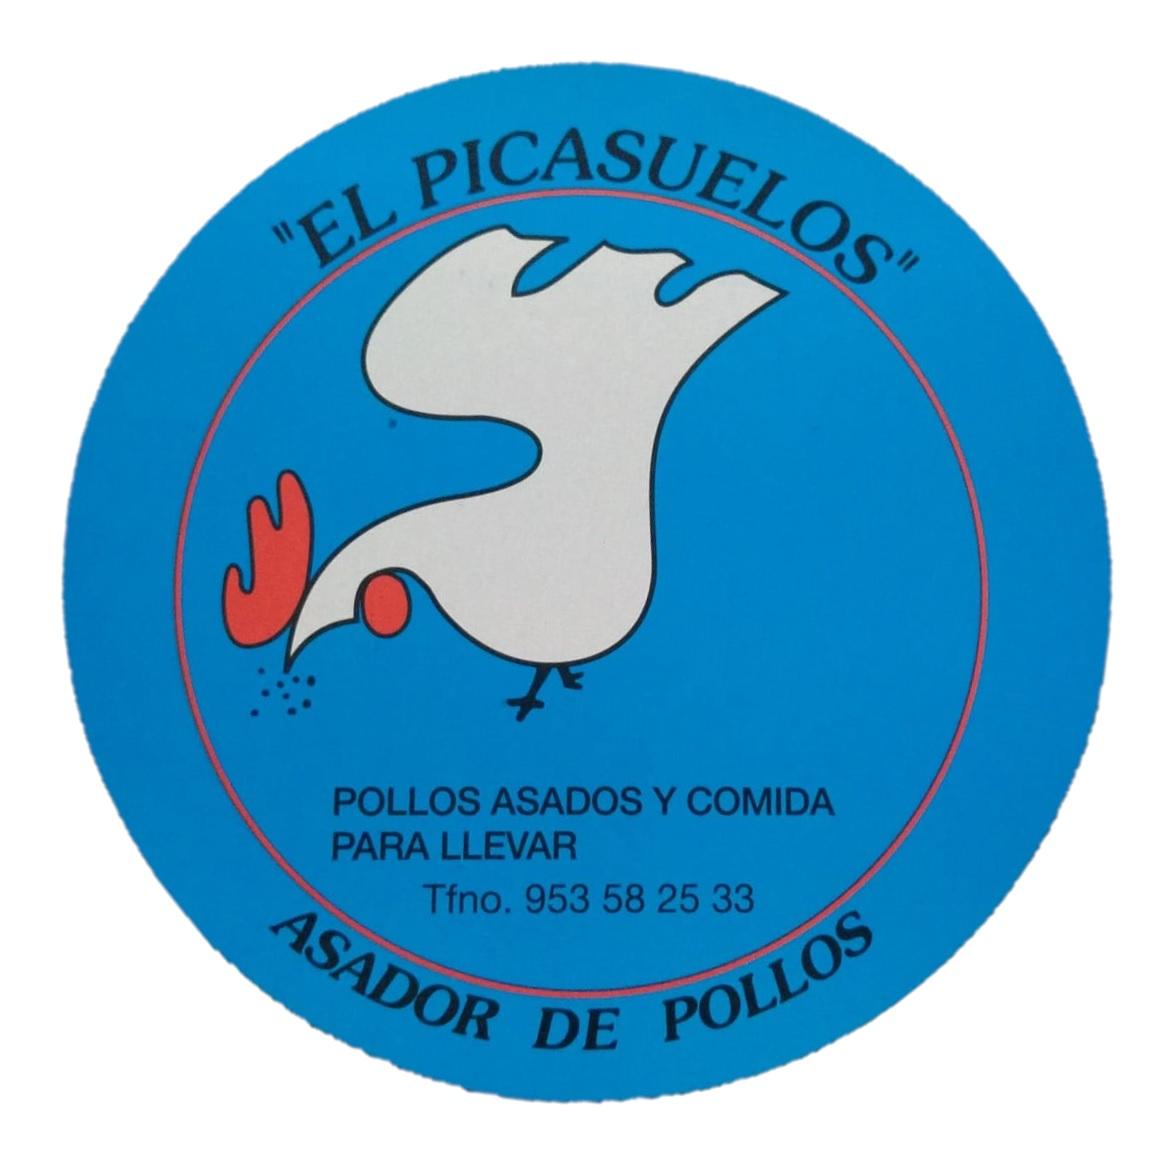 Asador De Pollos El Picasuelos